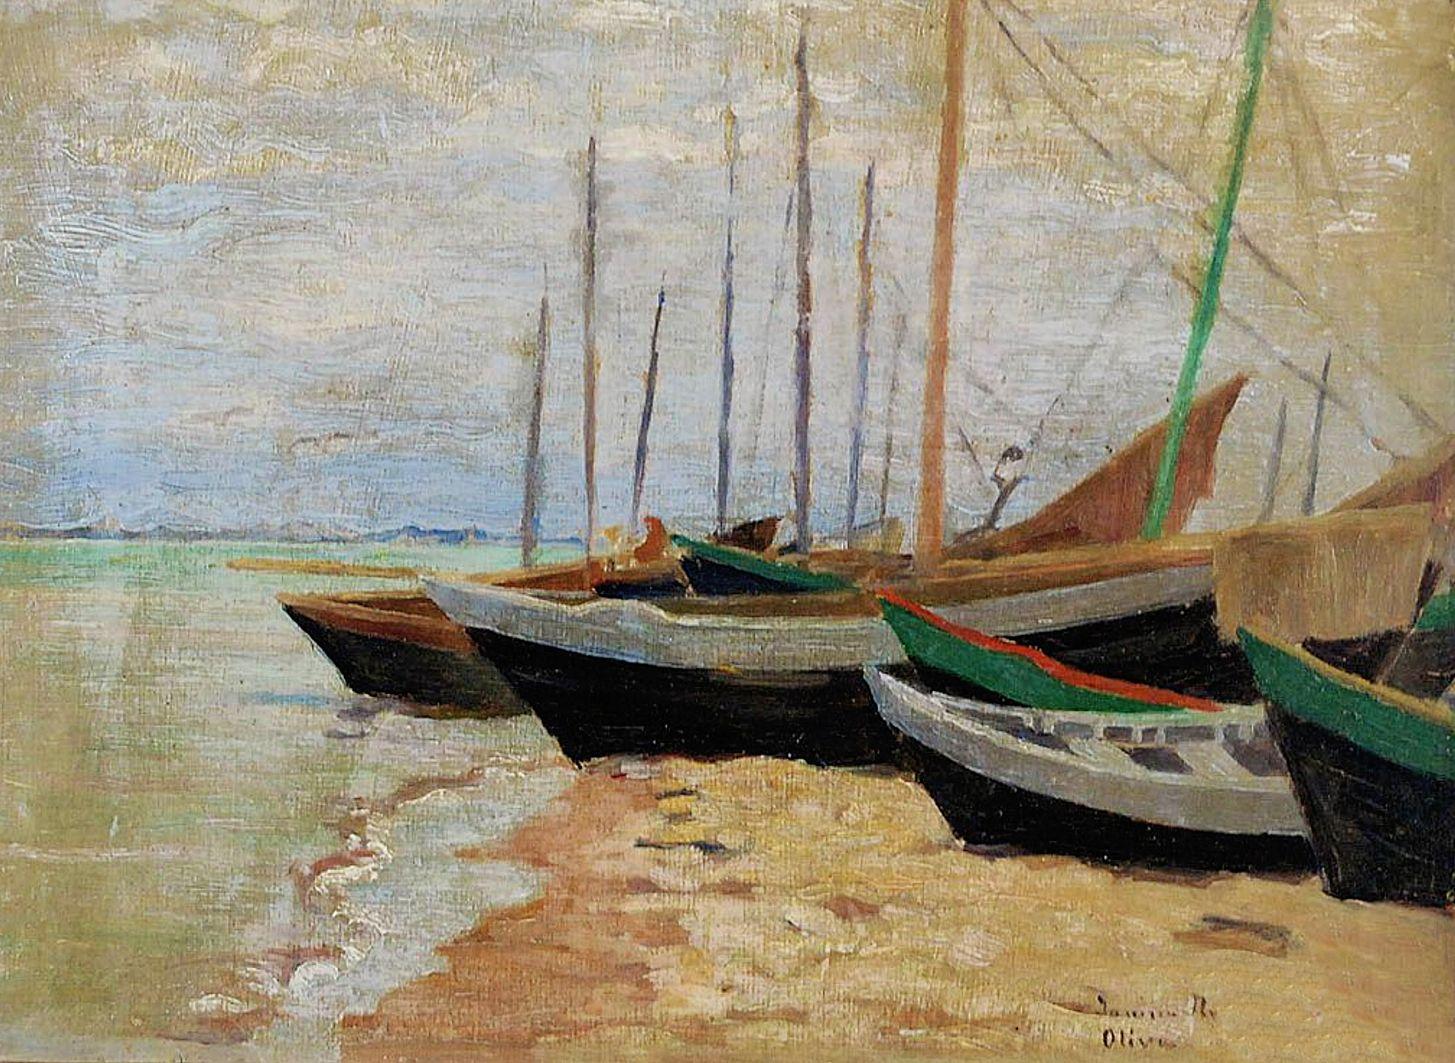 Яніна Новотнова. Рибальські човни на березі, 1925; олія, картон